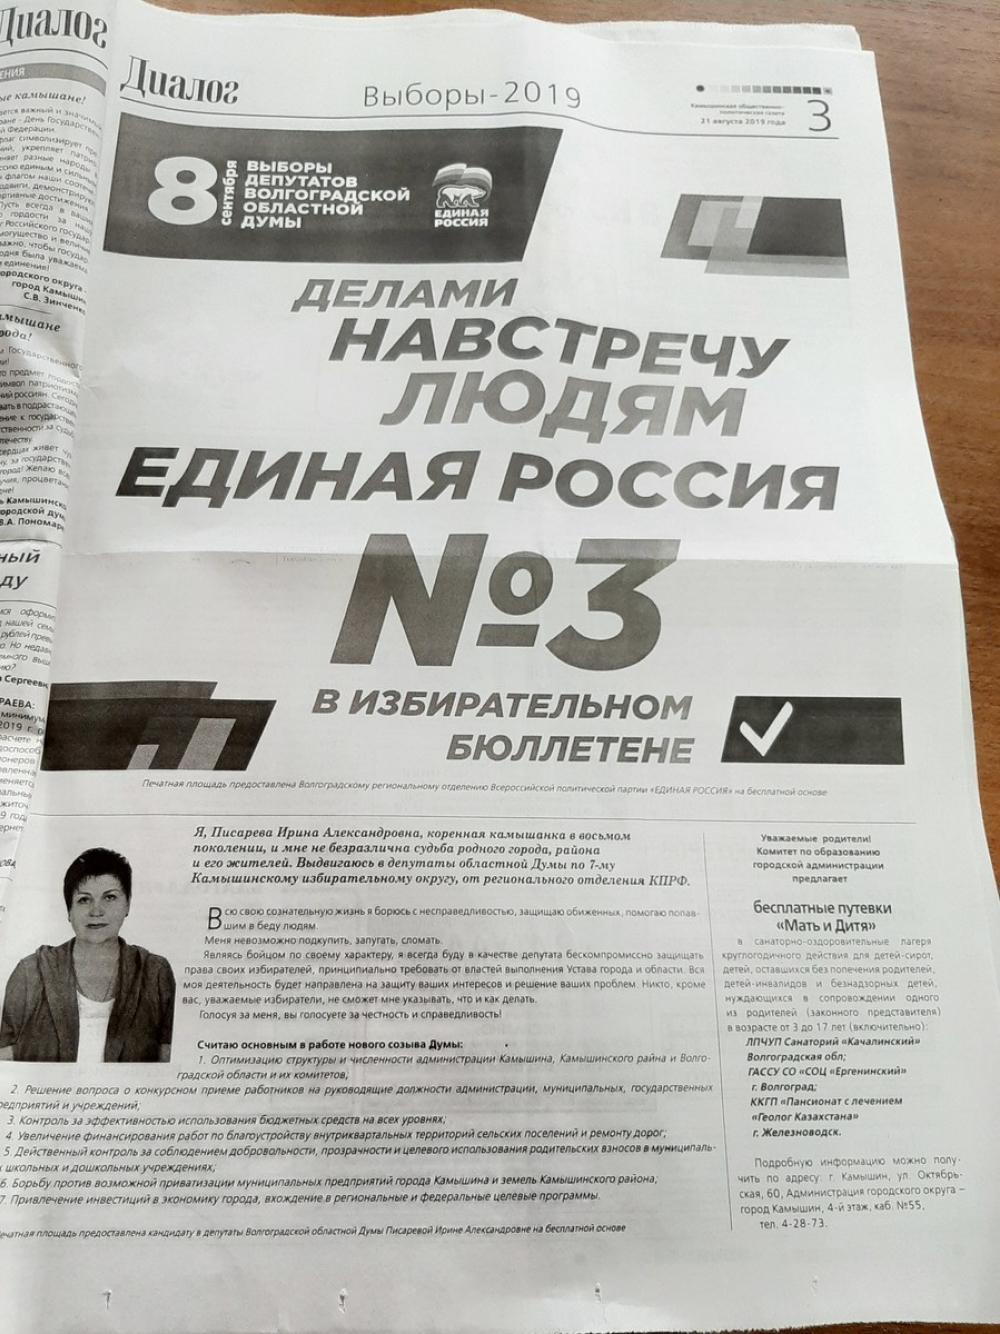 Камышинская газета «Диалог» пытается «плитой» «Единой России» задавить «подвал» выдвиженца от КПРФ